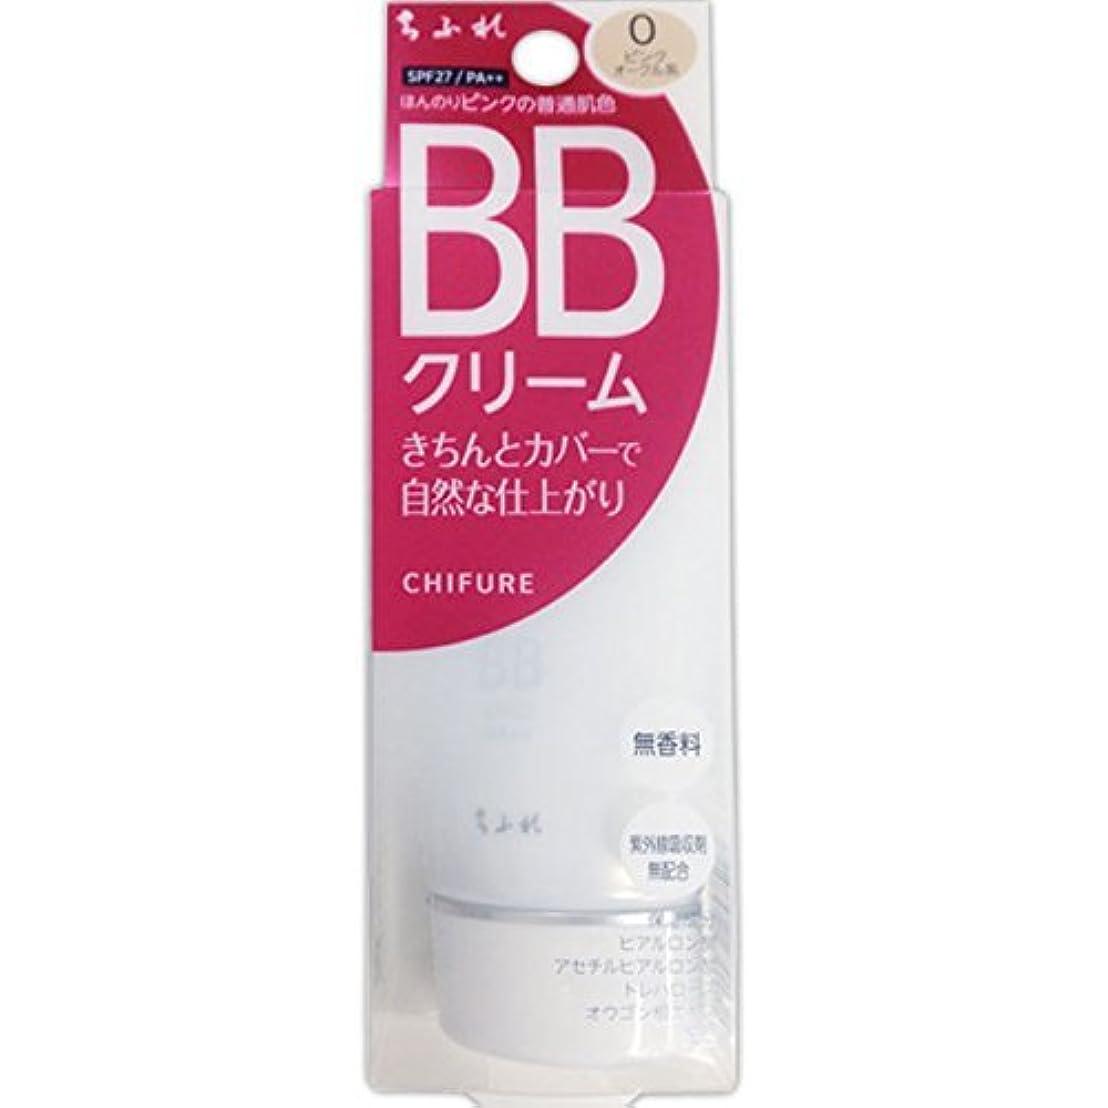 愛人慈悲毎年ちふれ化粧品 BB クリーム ほんのりピンクの普通肌色 0